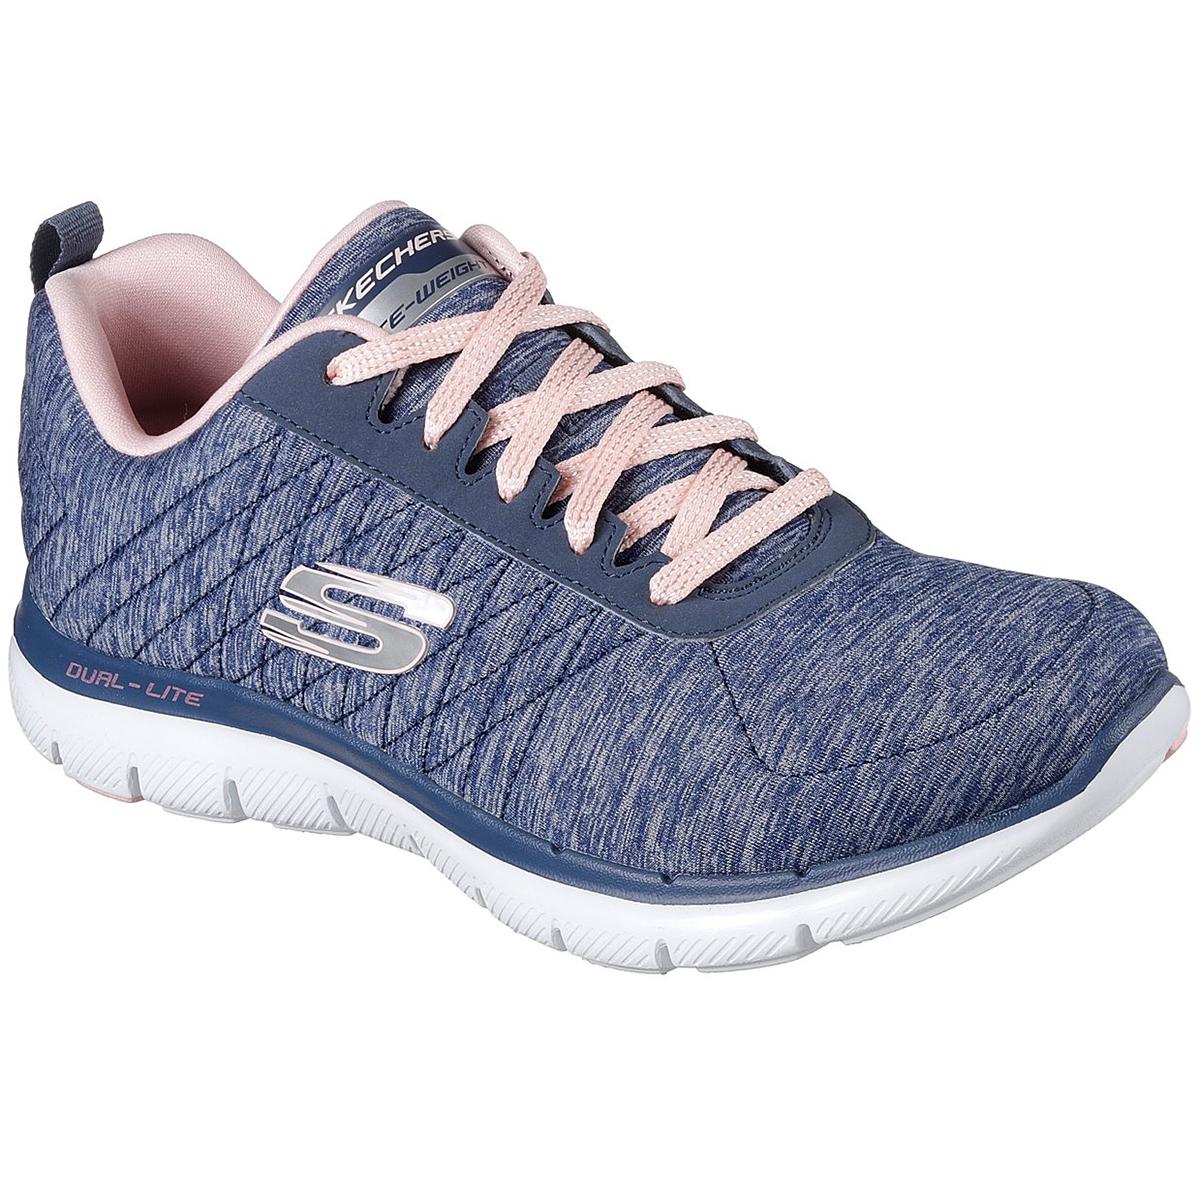 Skechers Women's Flex Appeal 2.0 Sneakers - Blue, 6.5